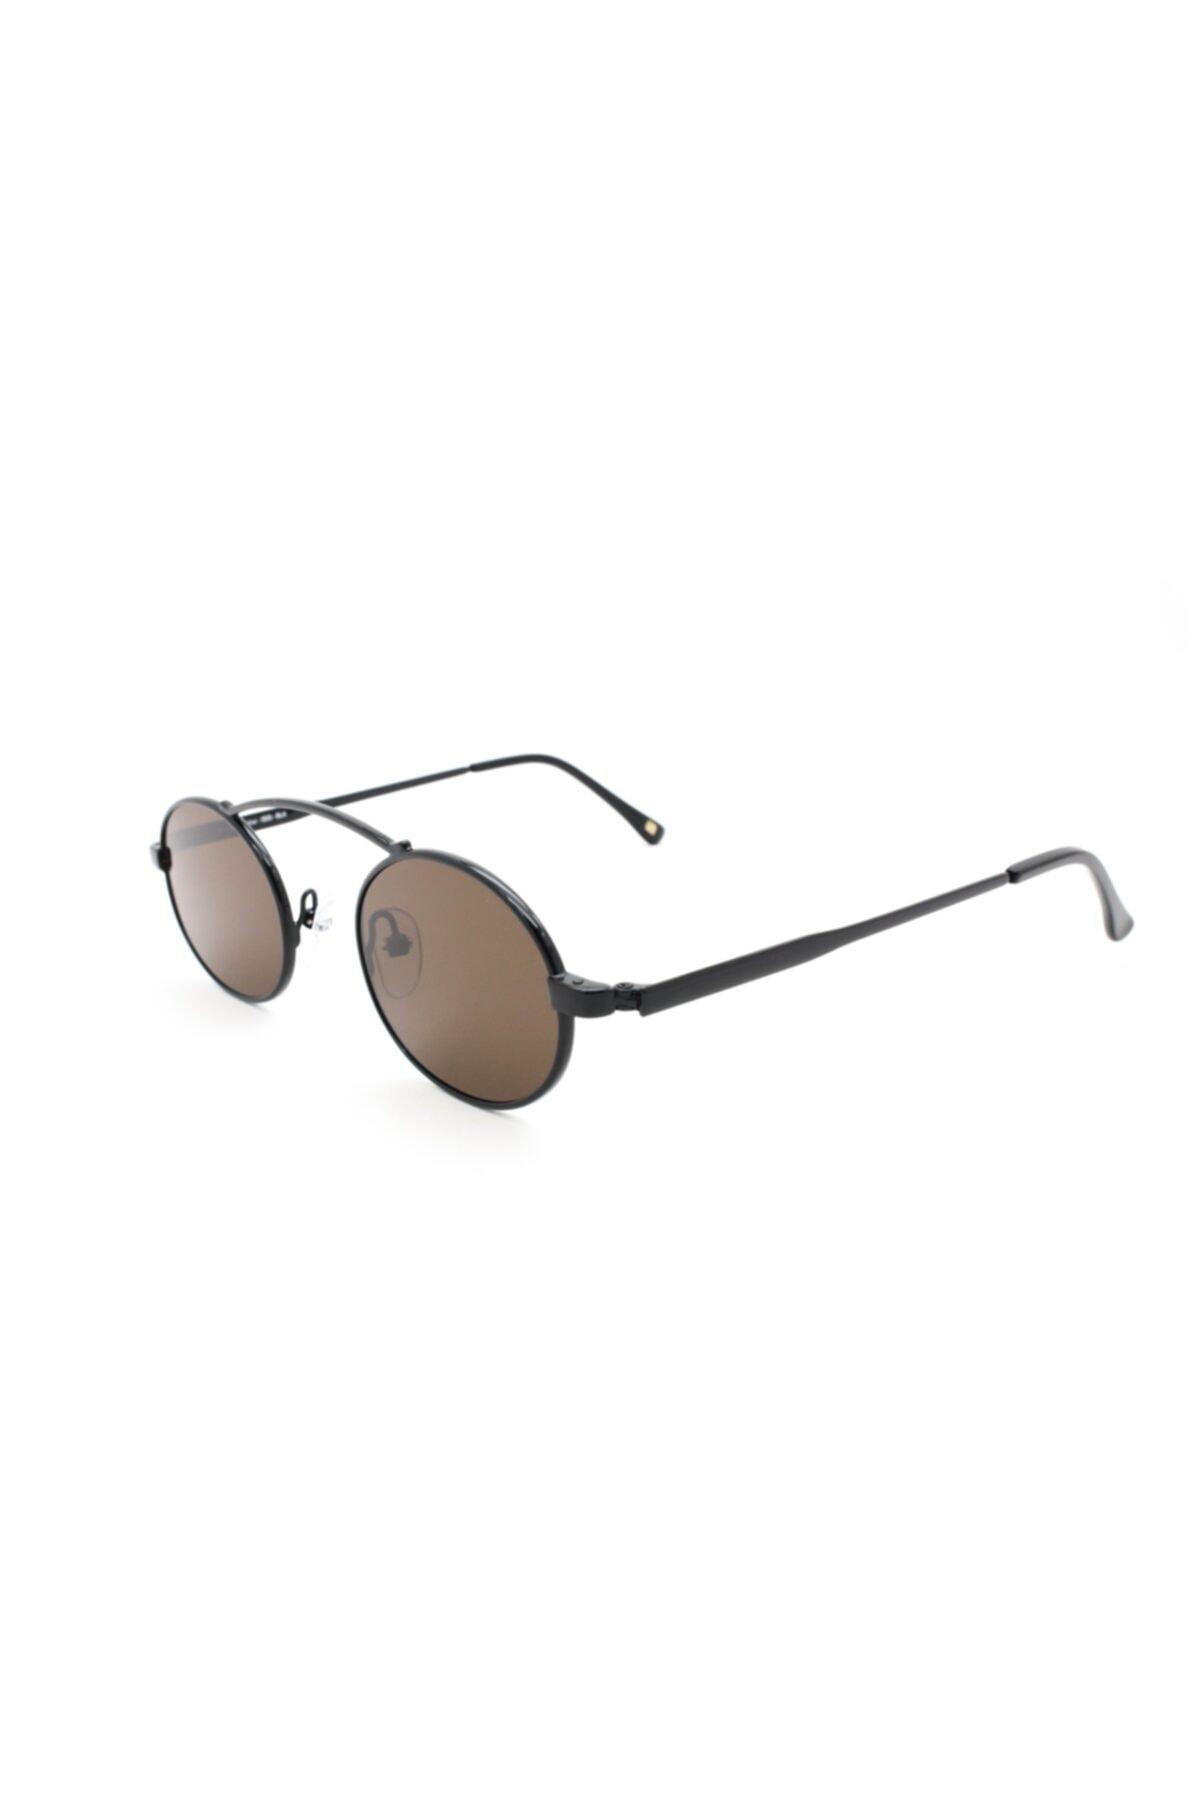 Franco Vital Isıs Blk-kahve 47 Ekartman Bayan Güneş Gözlüğü 1